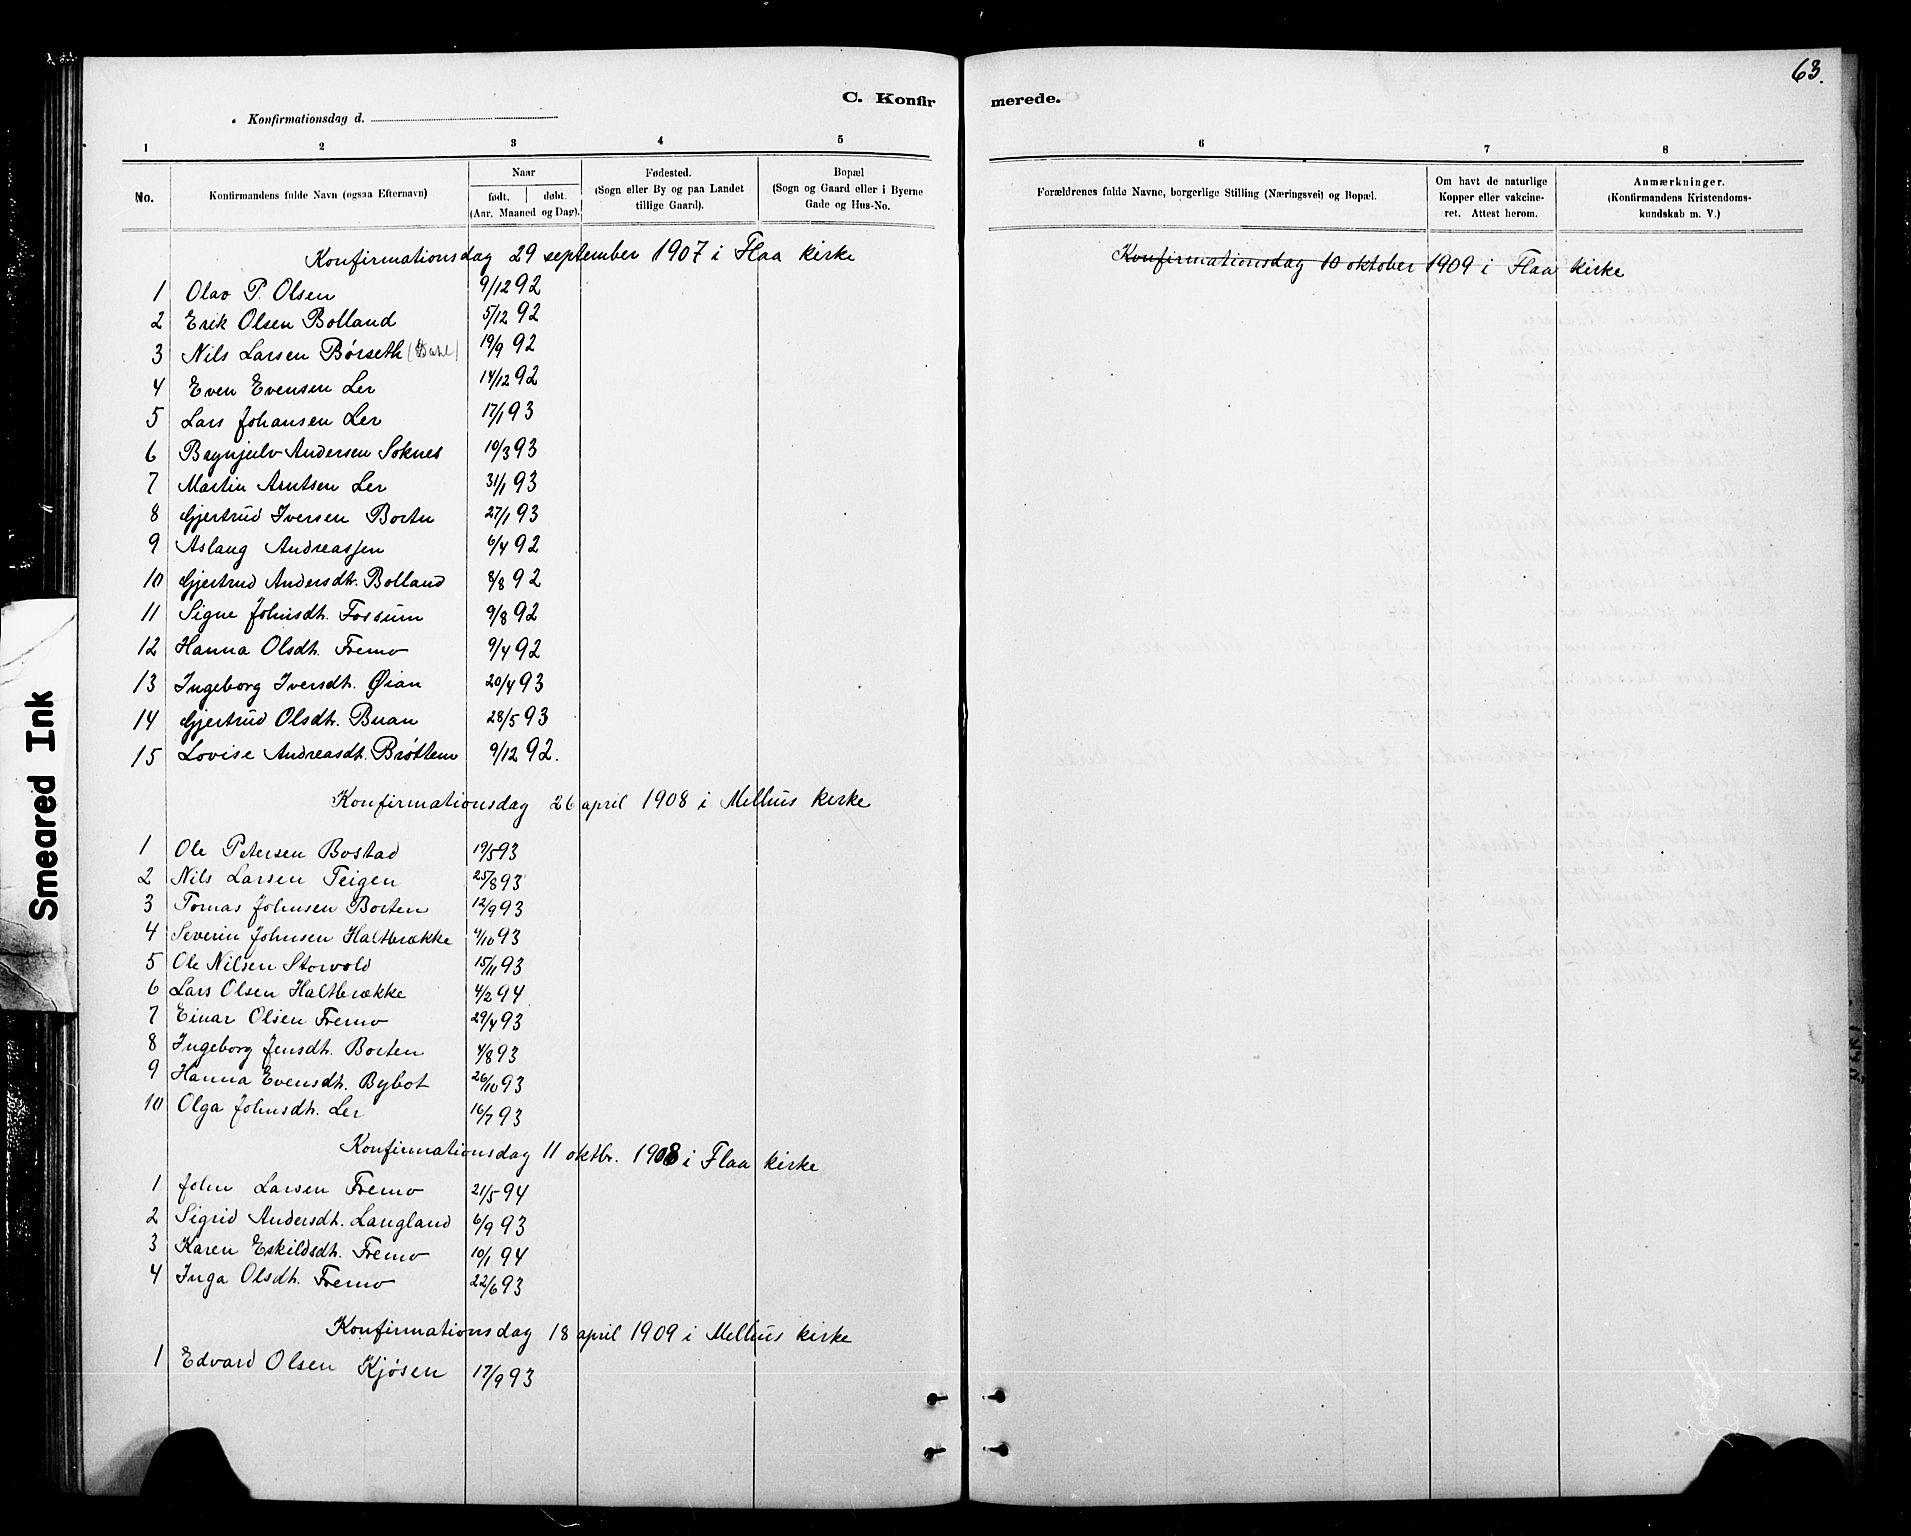 SAT, Ministerialprotokoller, klokkerbøker og fødselsregistre - Sør-Trøndelag, 693/L1123: Klokkerbok nr. 693C04, 1887-1910, s. 63